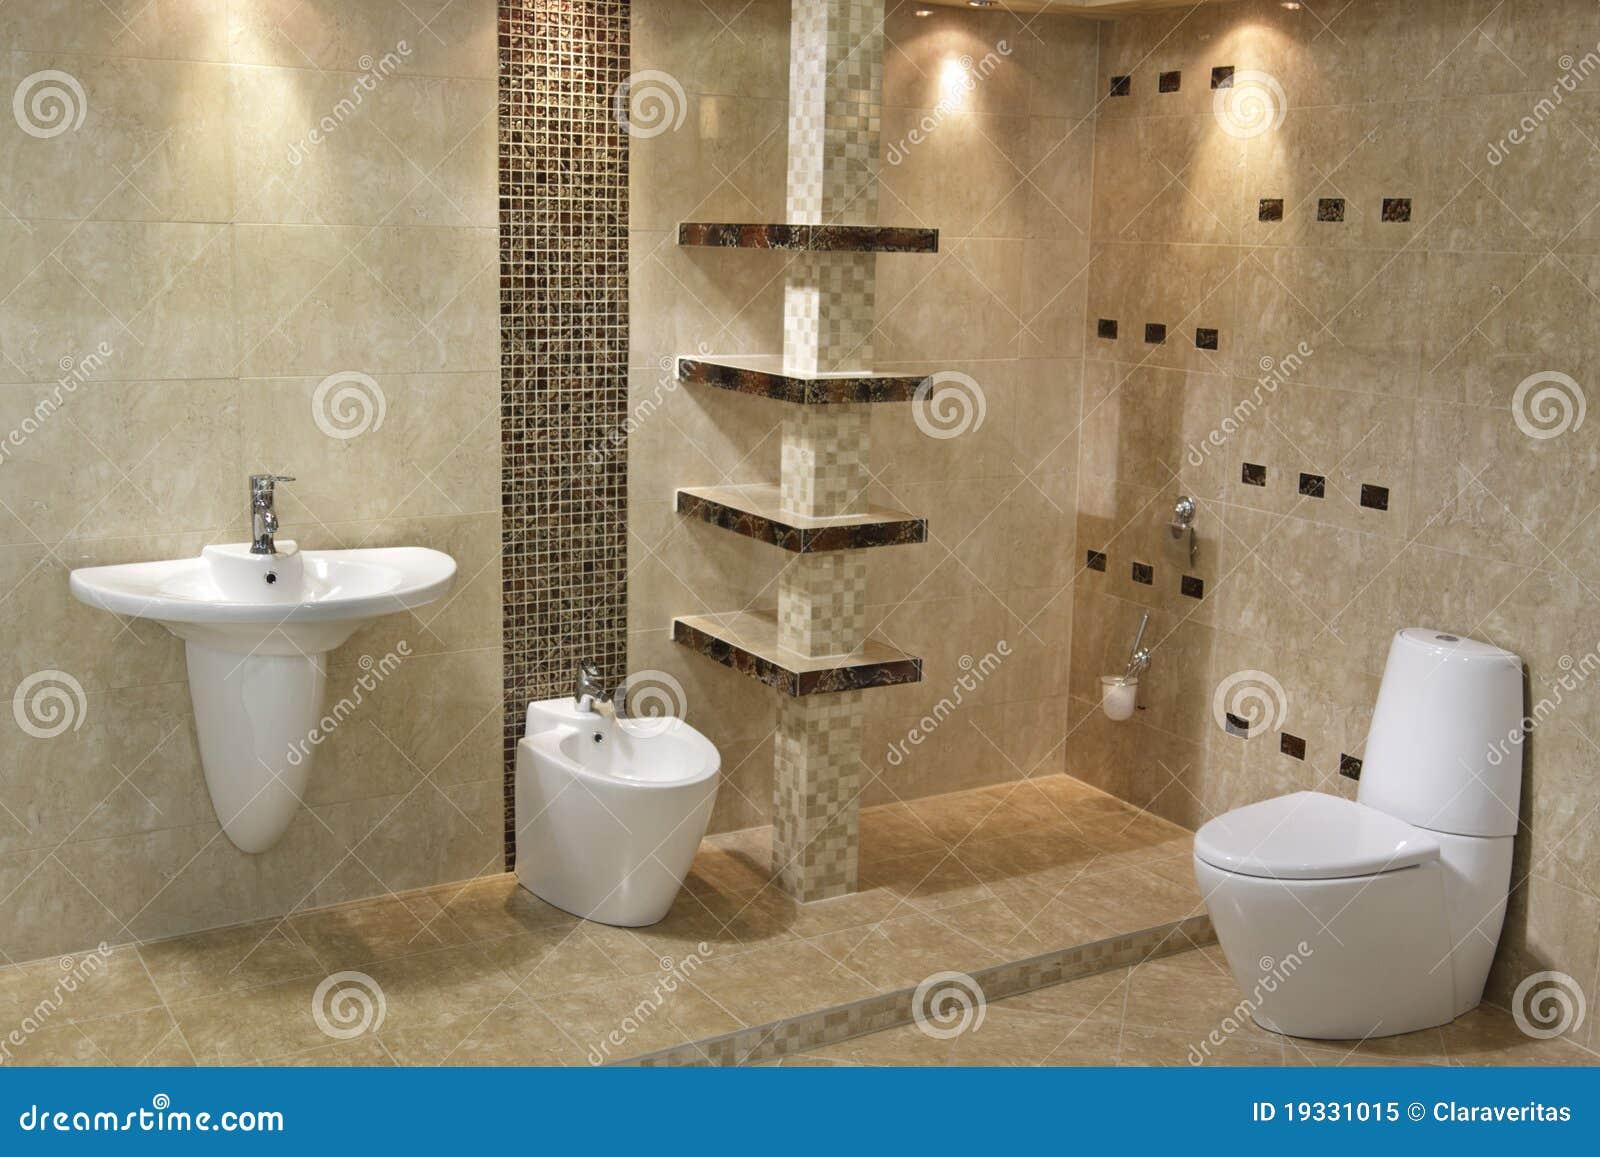 Decoracion De Baño Minimalista:Foto de archivo libre de regalías: Interior minimalista del cuarto de